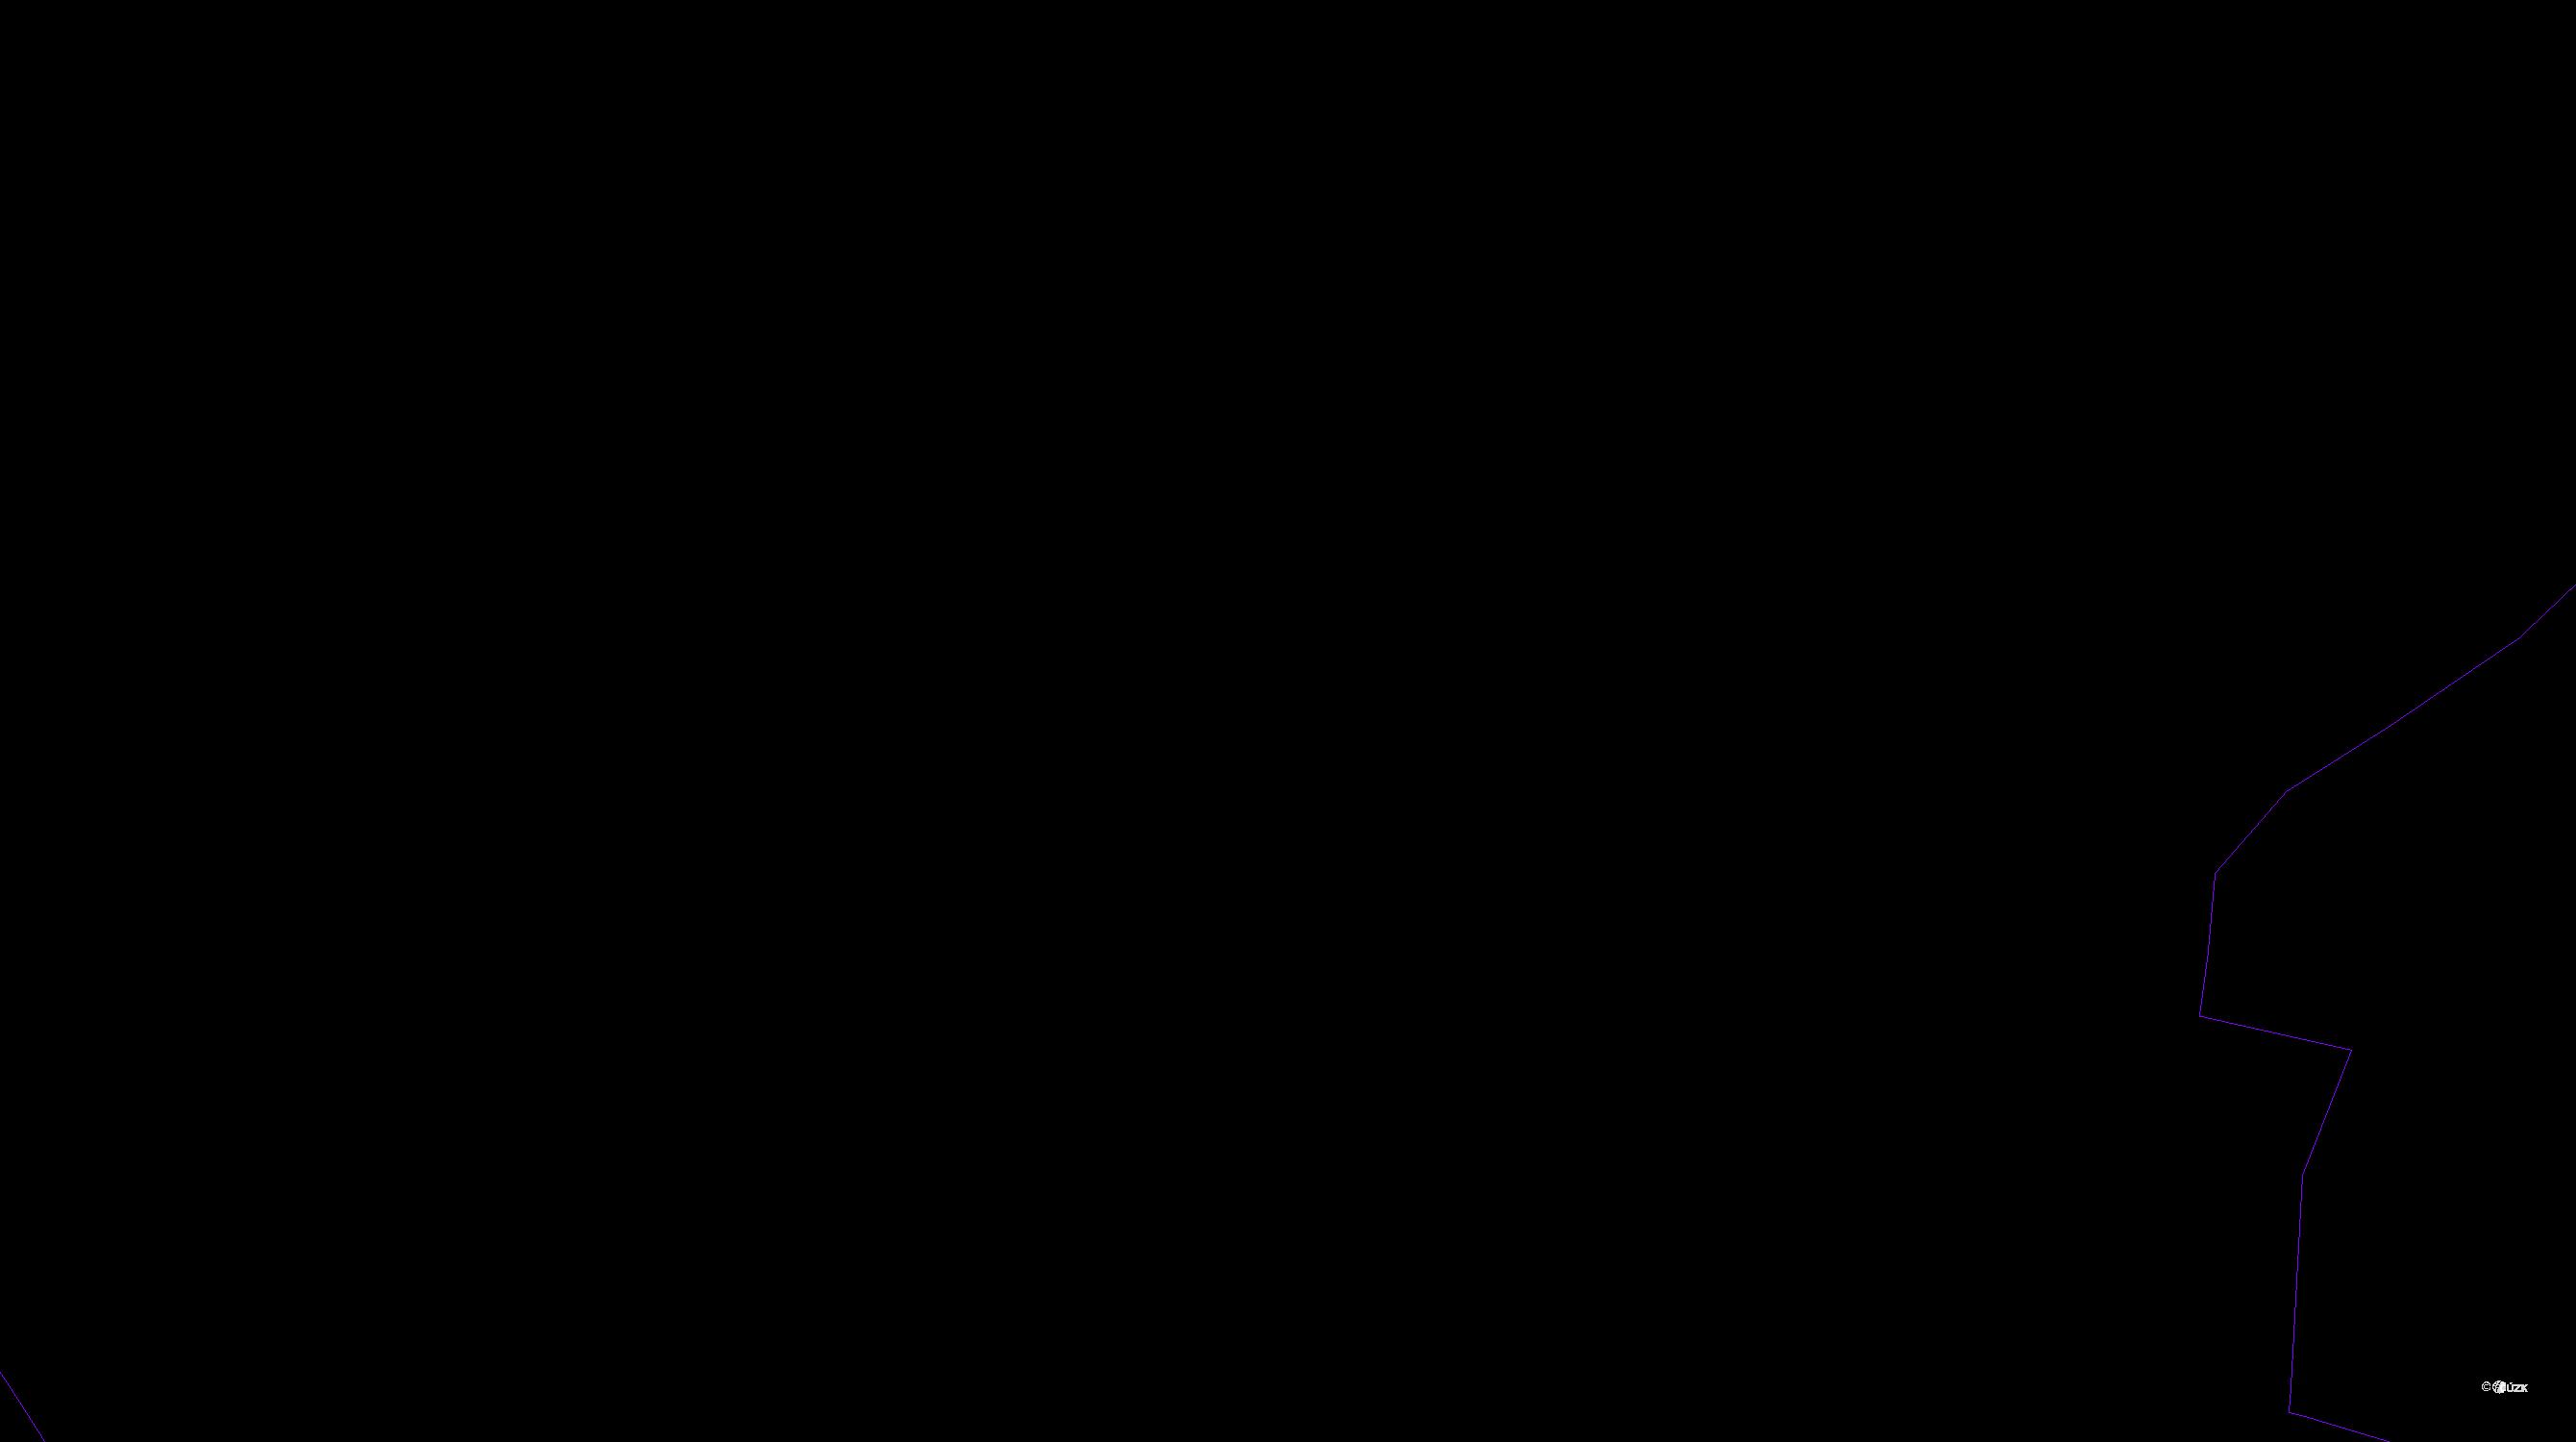 Katastrální mapa pozemků a čísla parcel Vítová